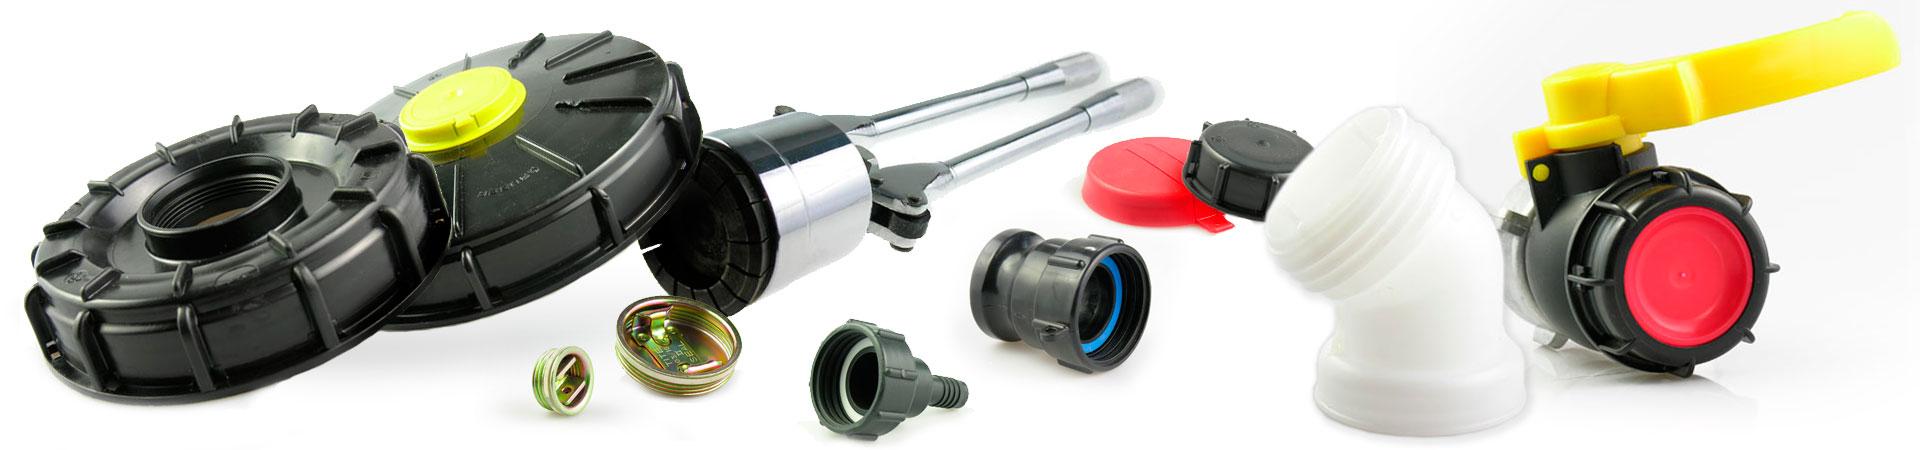 akcesoria-do-beczek stalowych i plastikowych